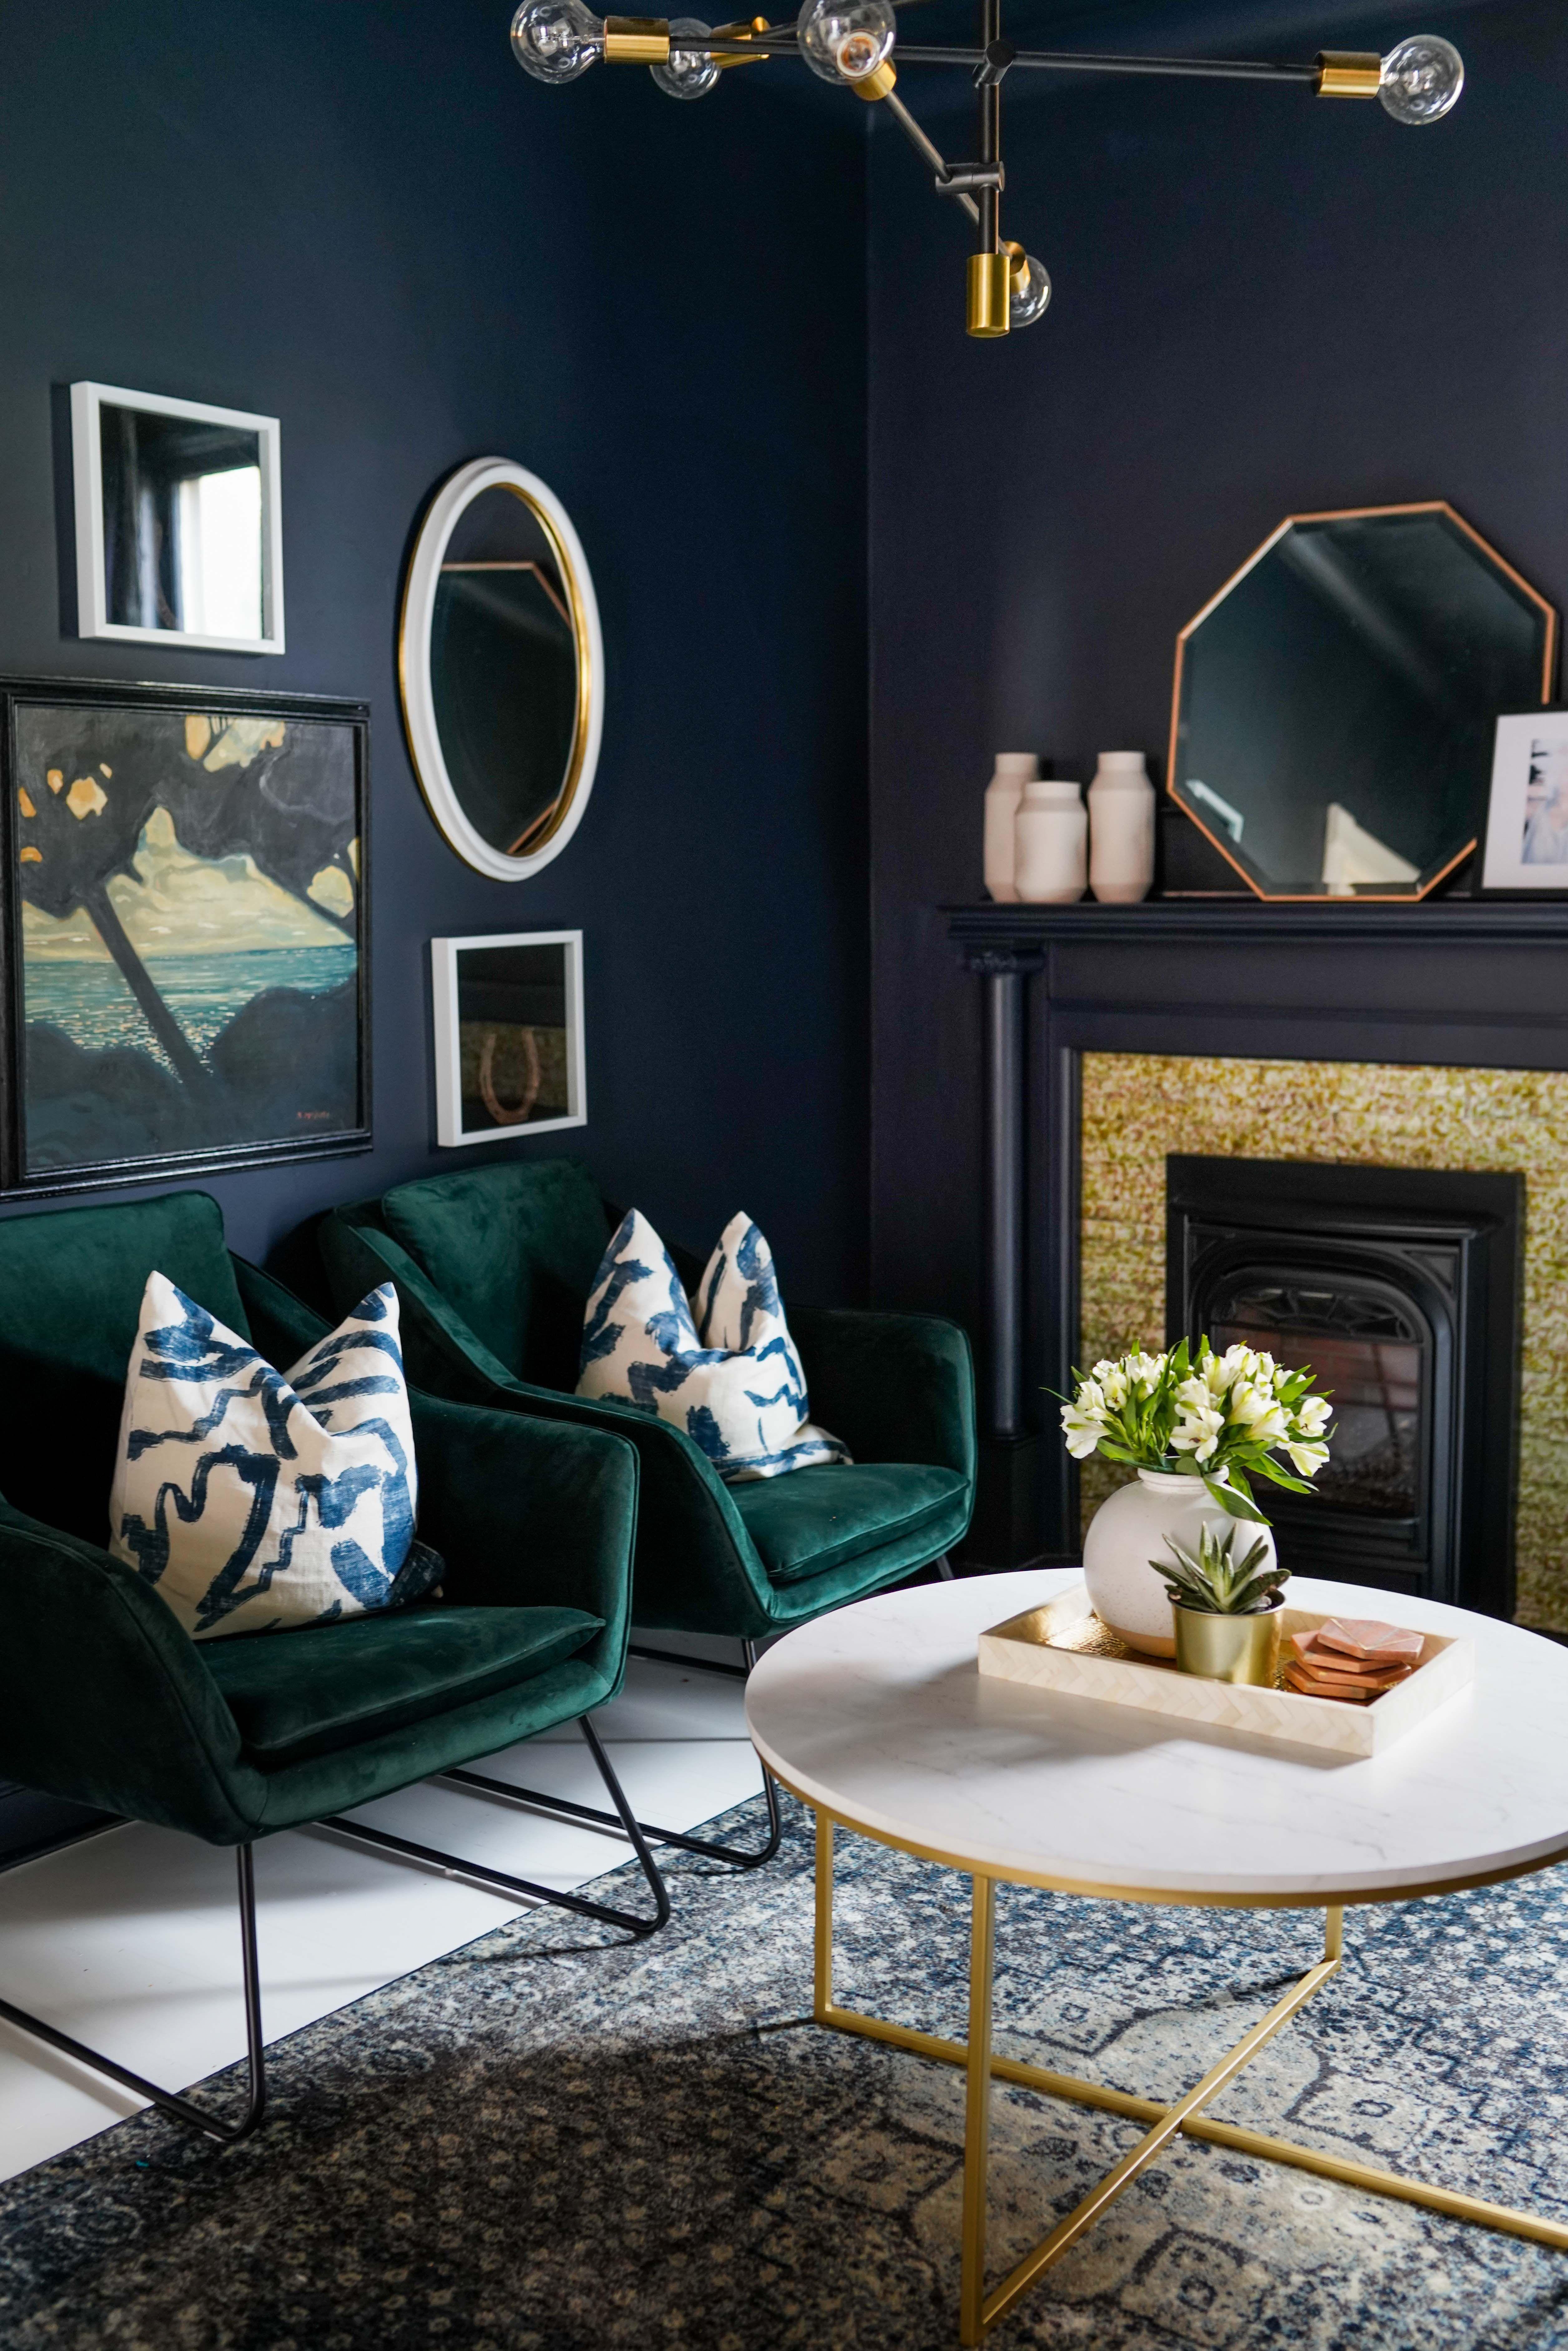 Bedroom Creator Online: Benjamin Moore Soot Walls And Green Velvet Chairs Create A